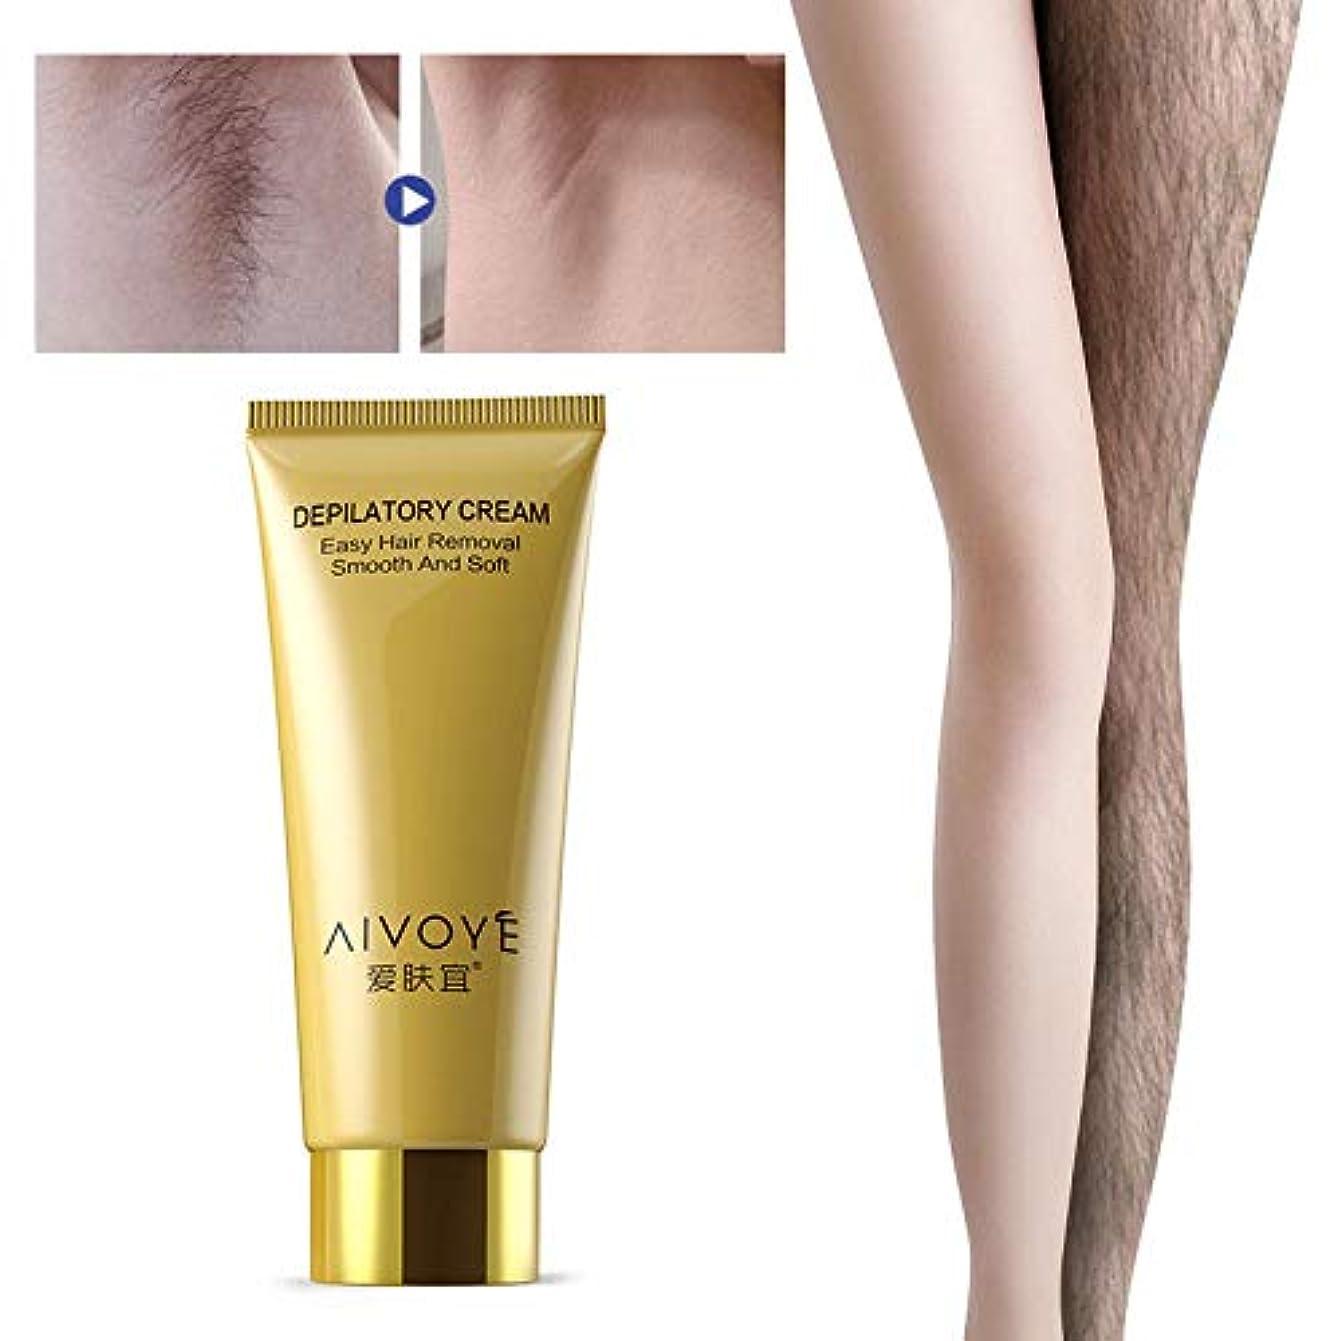 連結する多数の暴露するRabugoo 60g男性女性安全な痛みを抑える脱毛クリーム脚の体のための滑らかな肌の脱毛クリーム